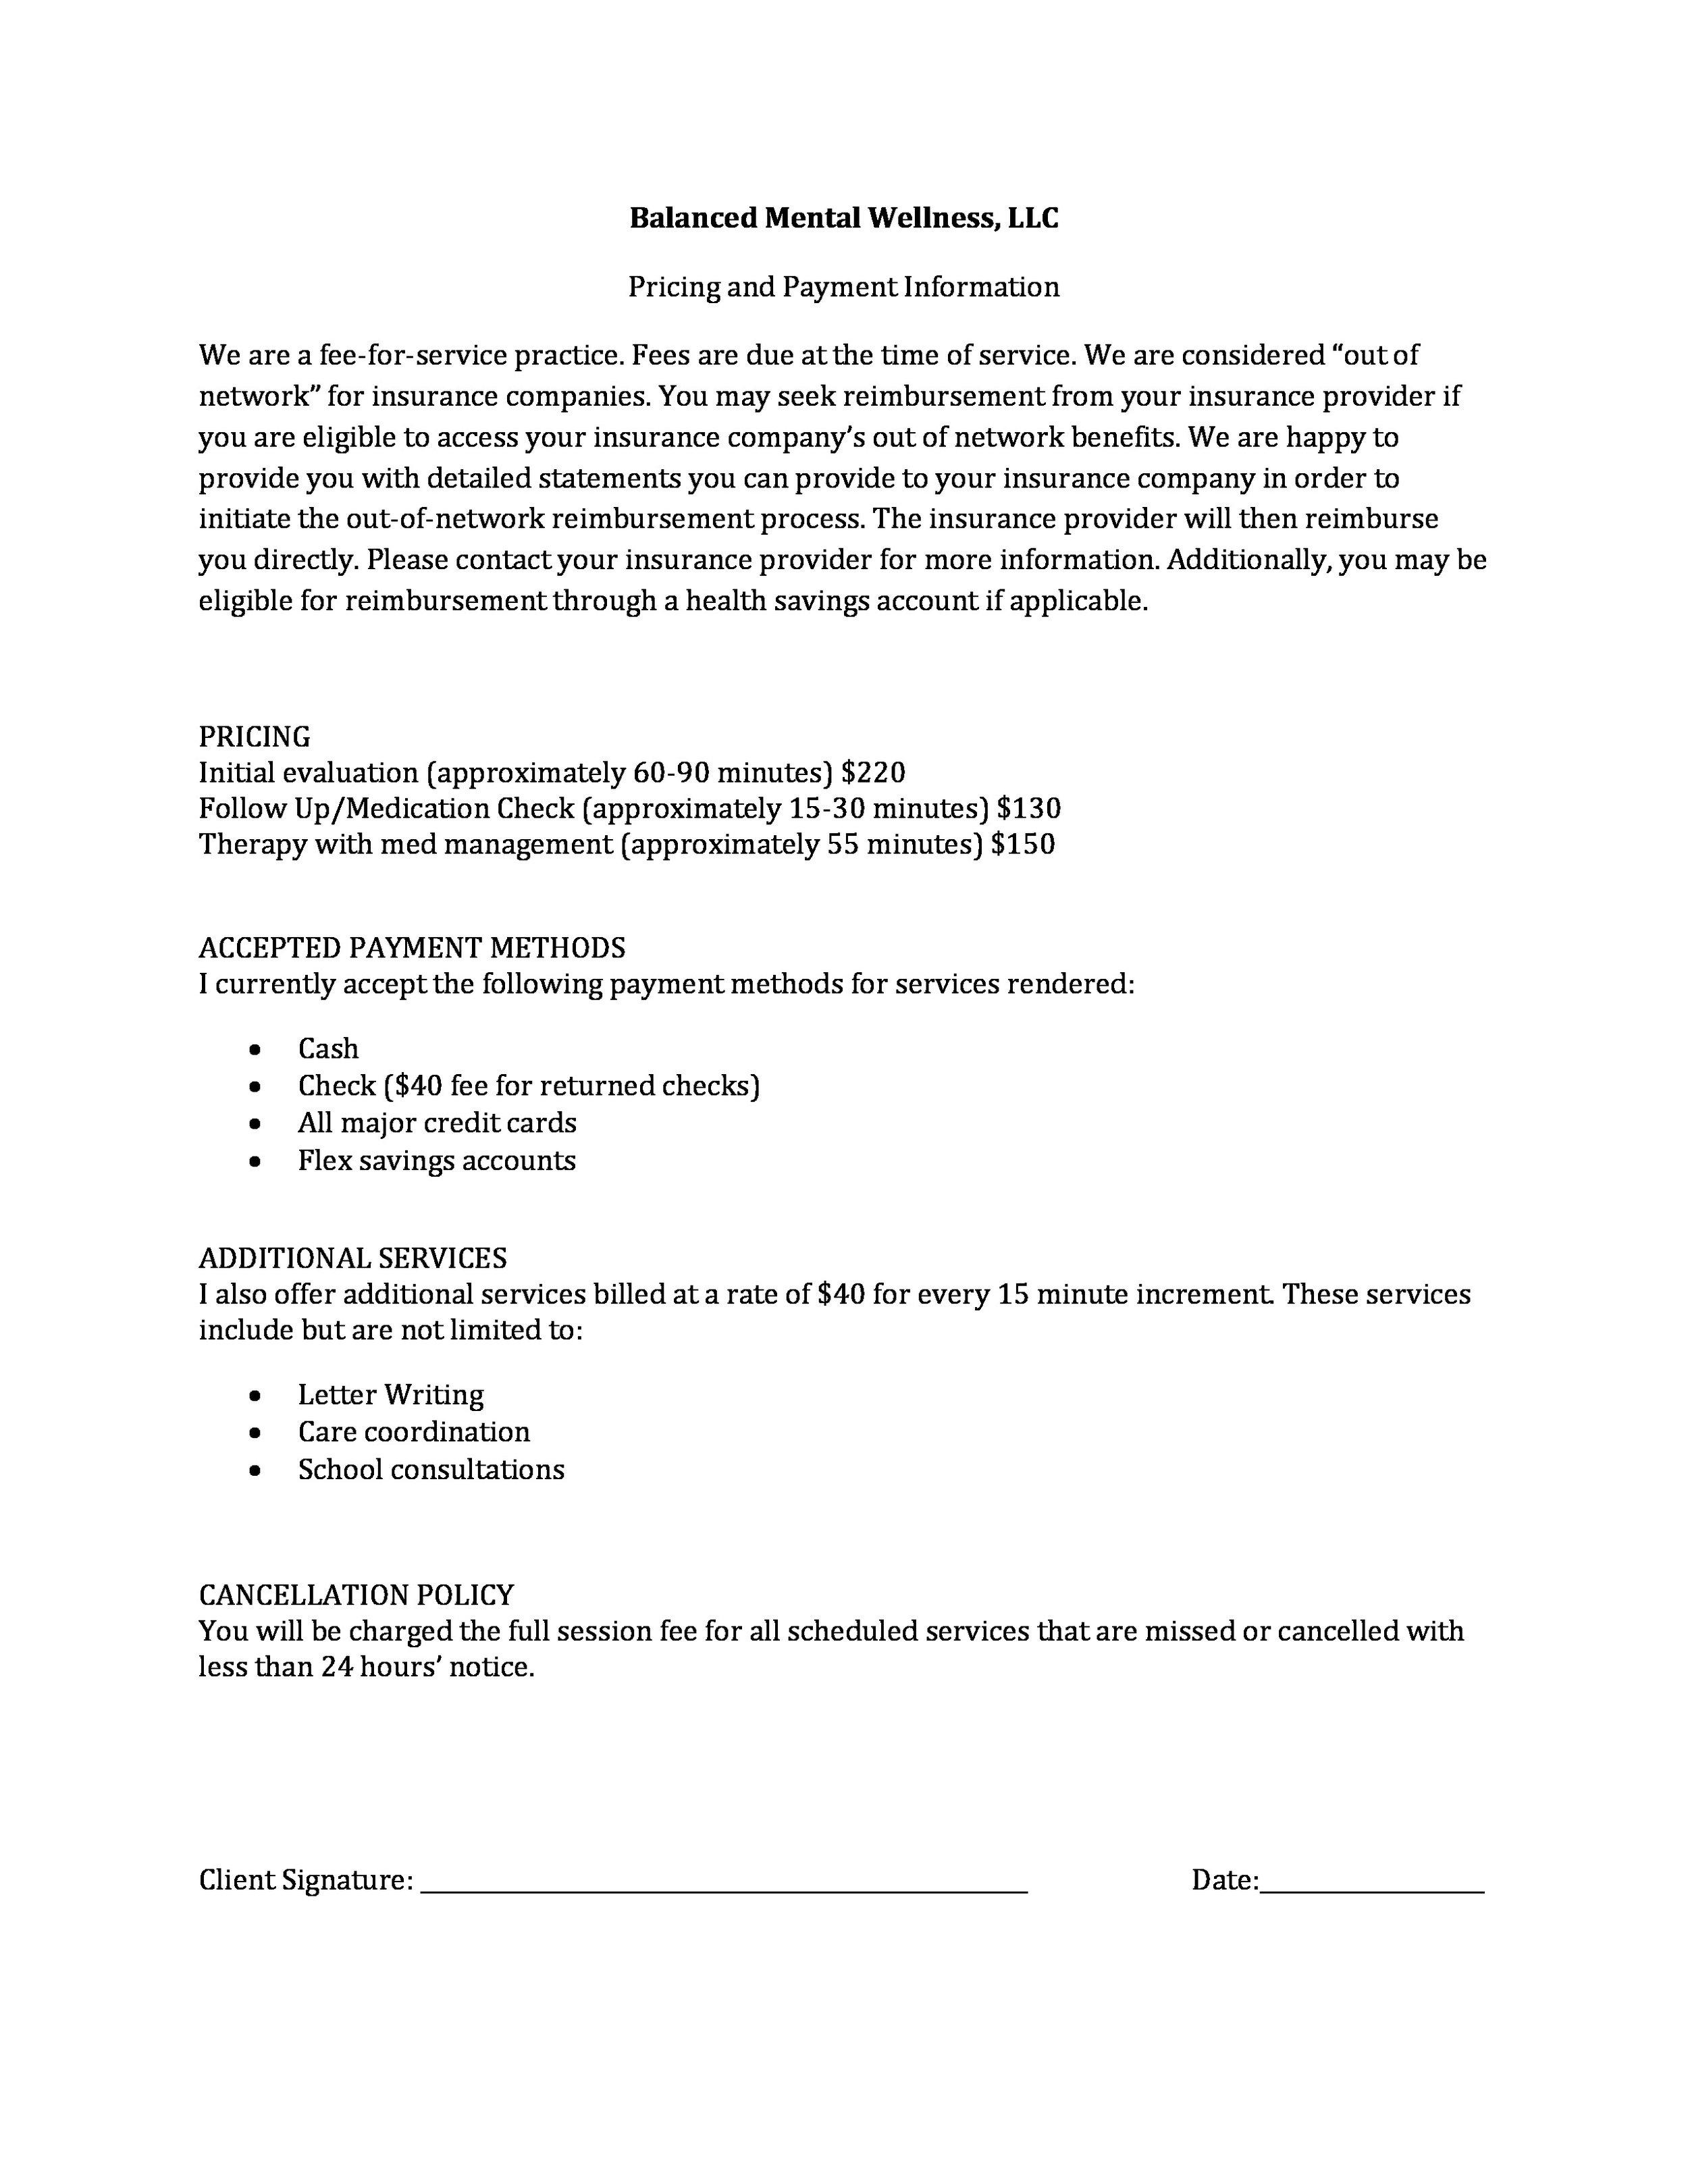 payment info doc.jpg